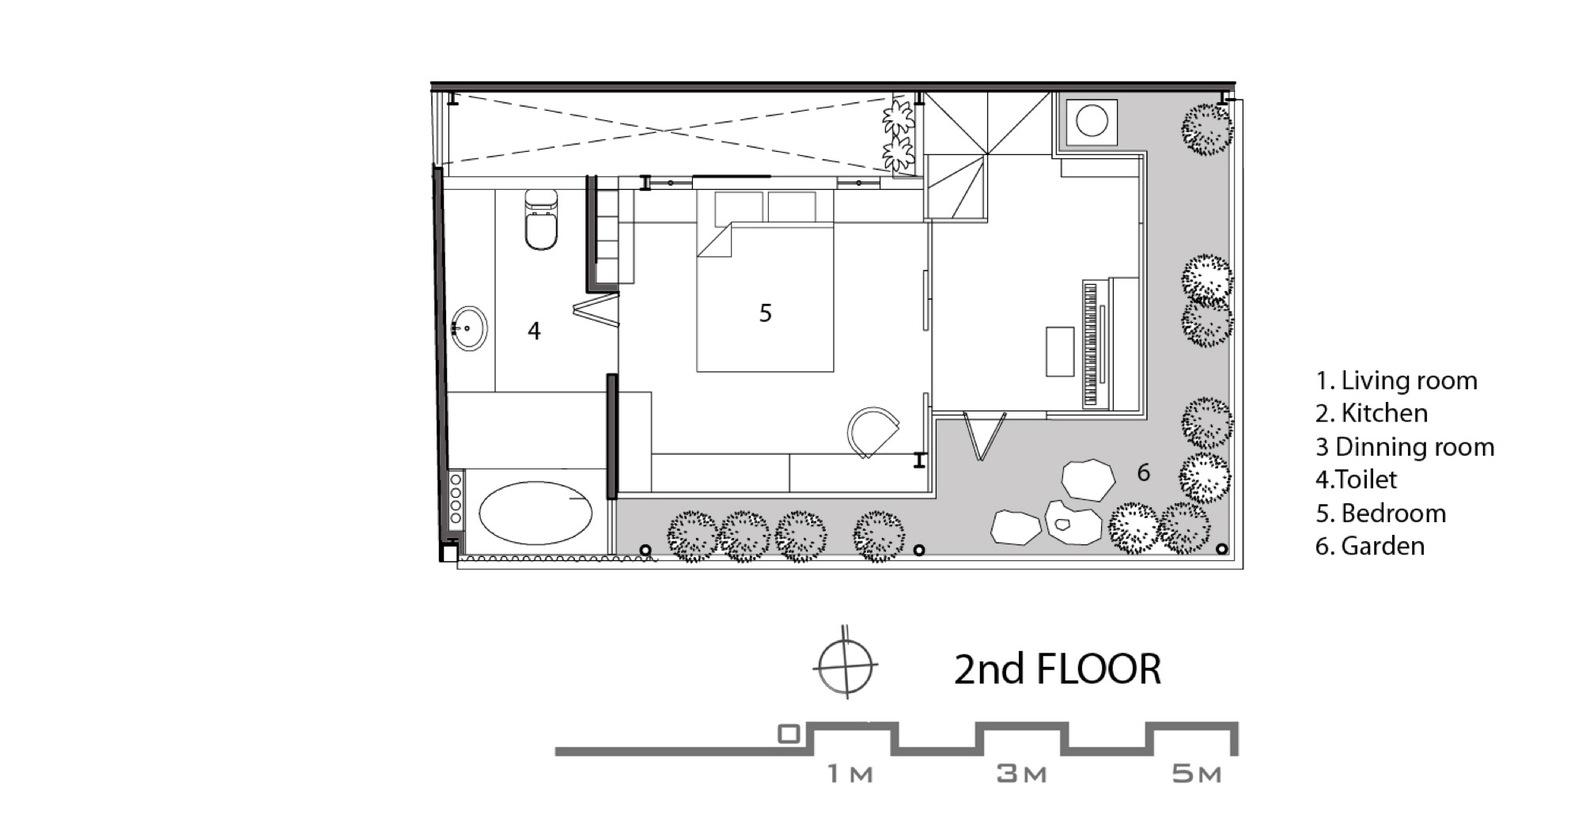 Sơ đồ bố trí các tầng của ngôi nhà.